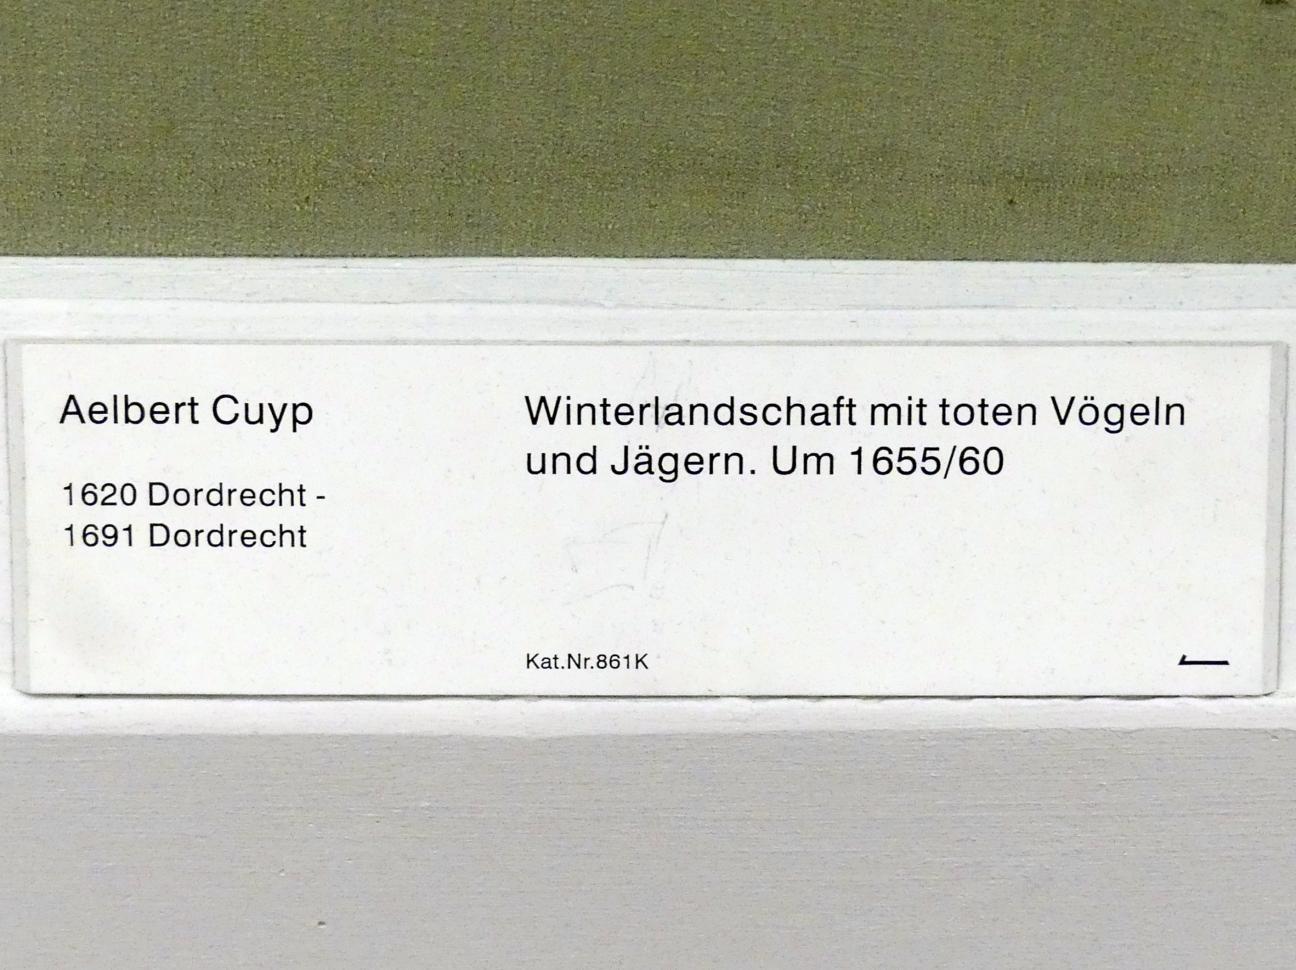 Aelbert Cuyp: Winterlandschaft mit toten Vögeln und Jägern, um 1655 - 1660, Bild 2/2